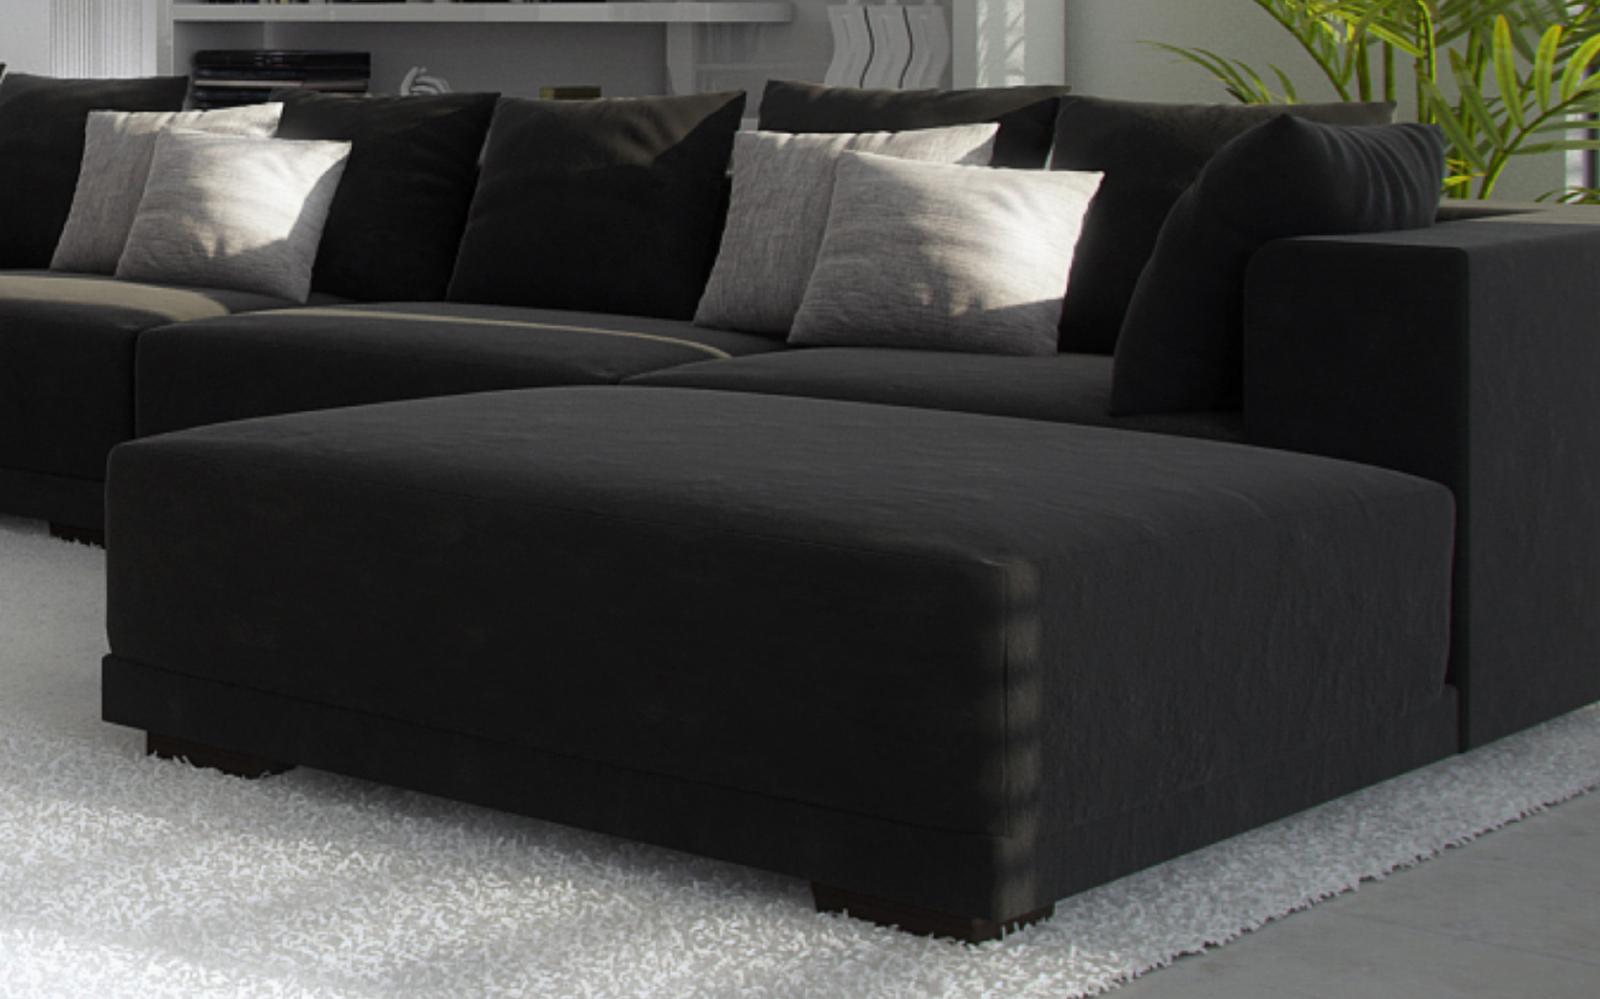 sam® wohnzimmer hocker passend zur couch anima schwarz - Wohnzimmer Sofa Schwarz